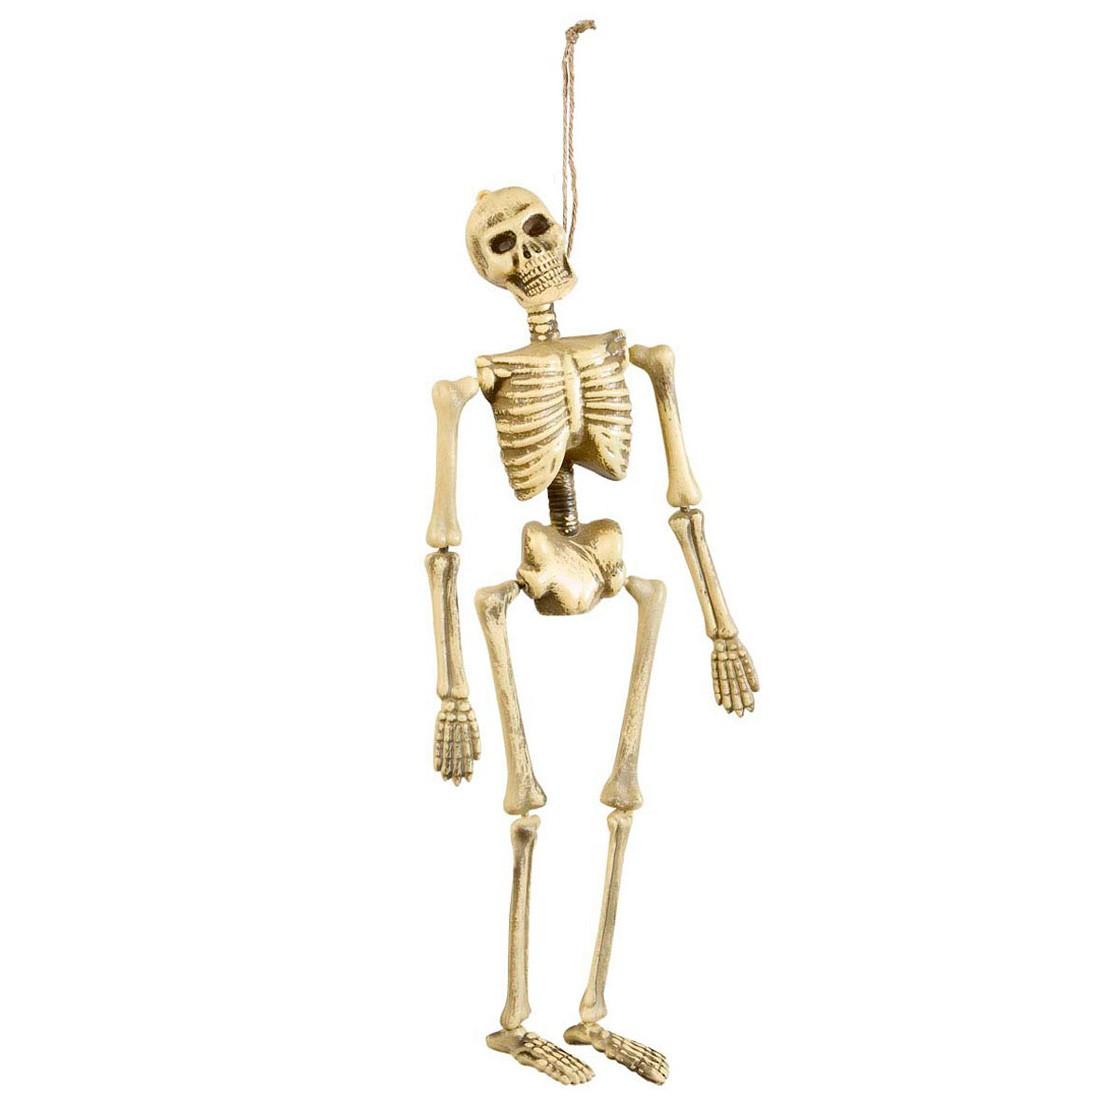 Hängendes Deko Skelett Knochenskelett Gerippe 40 cm, 5,49 €